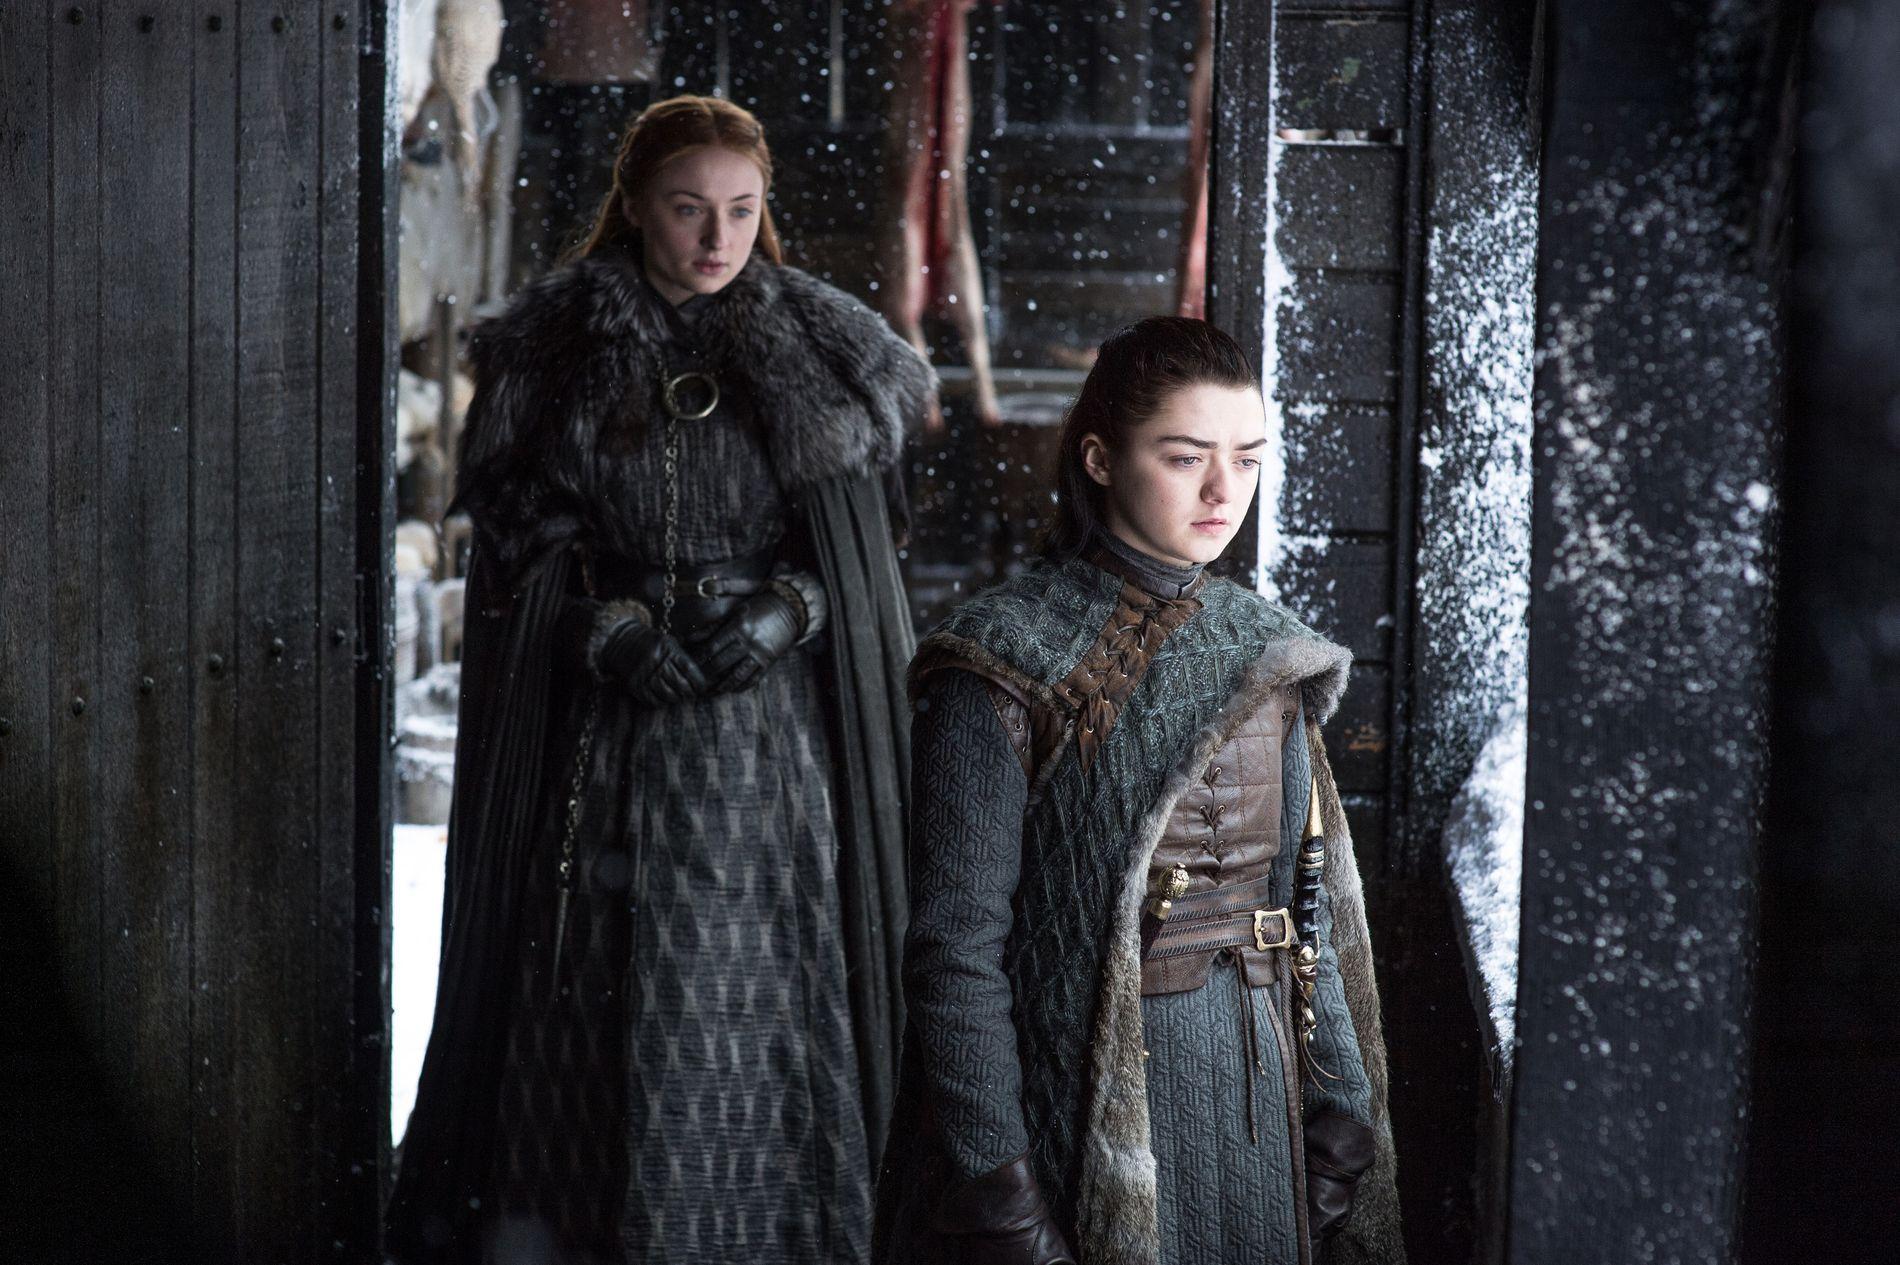 FREMTREDENDE KARAKTER: Dette bildet av Sophie Turner som Sansa Stark og Maisie Williams som Arya er hentet fra den sjette episoden i sesong sju av «Game of Thrones».